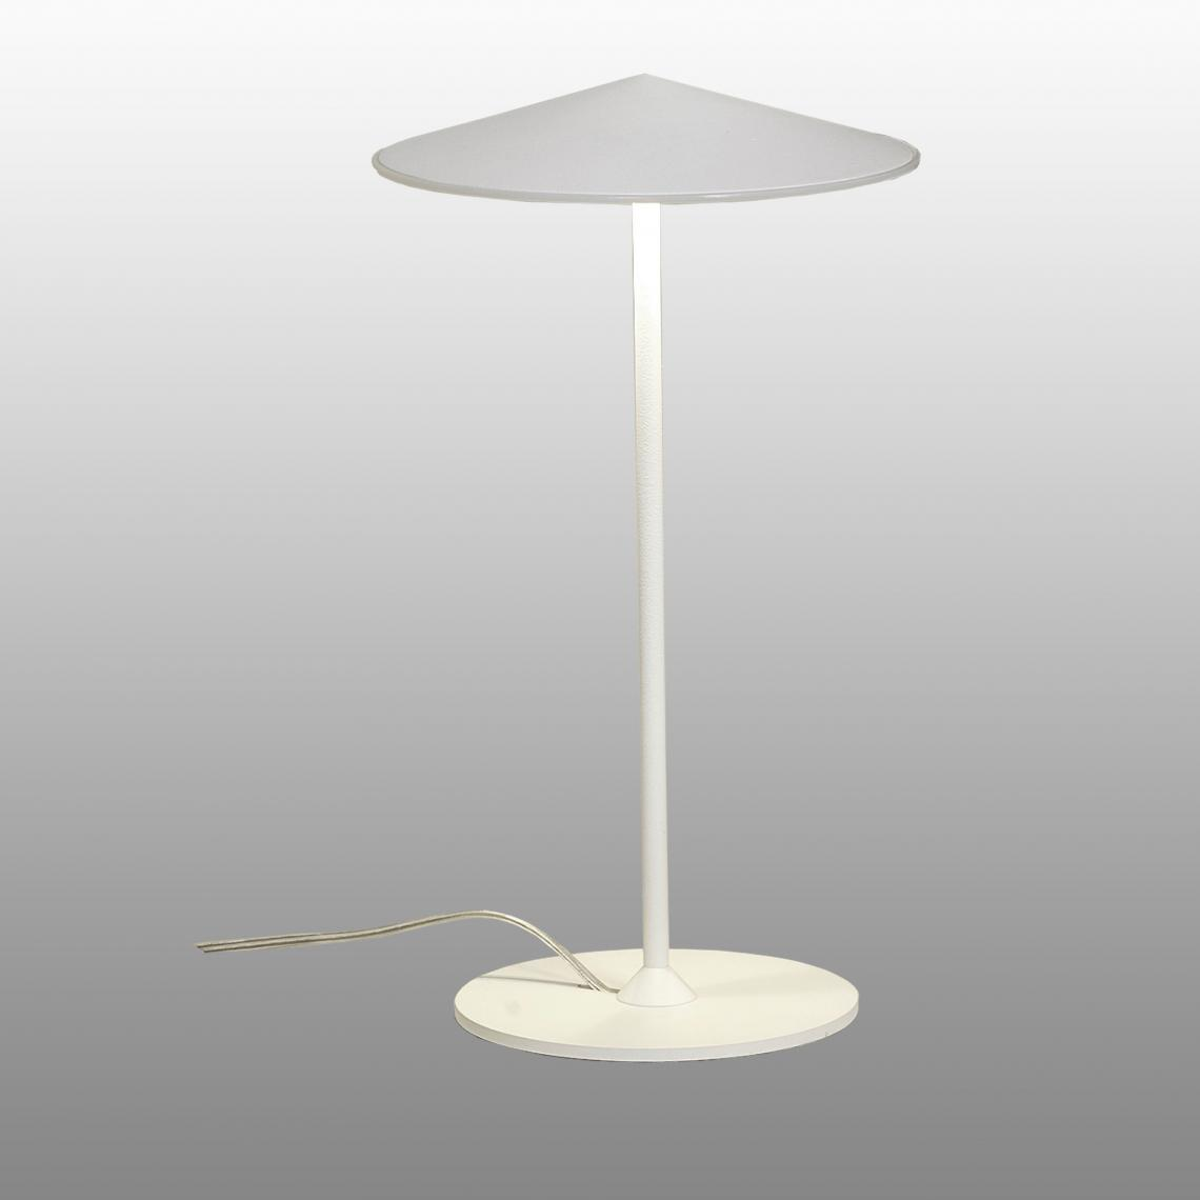 Milan Lampe de table 20 cm de diamètre blanc Laque 3 X 5 W